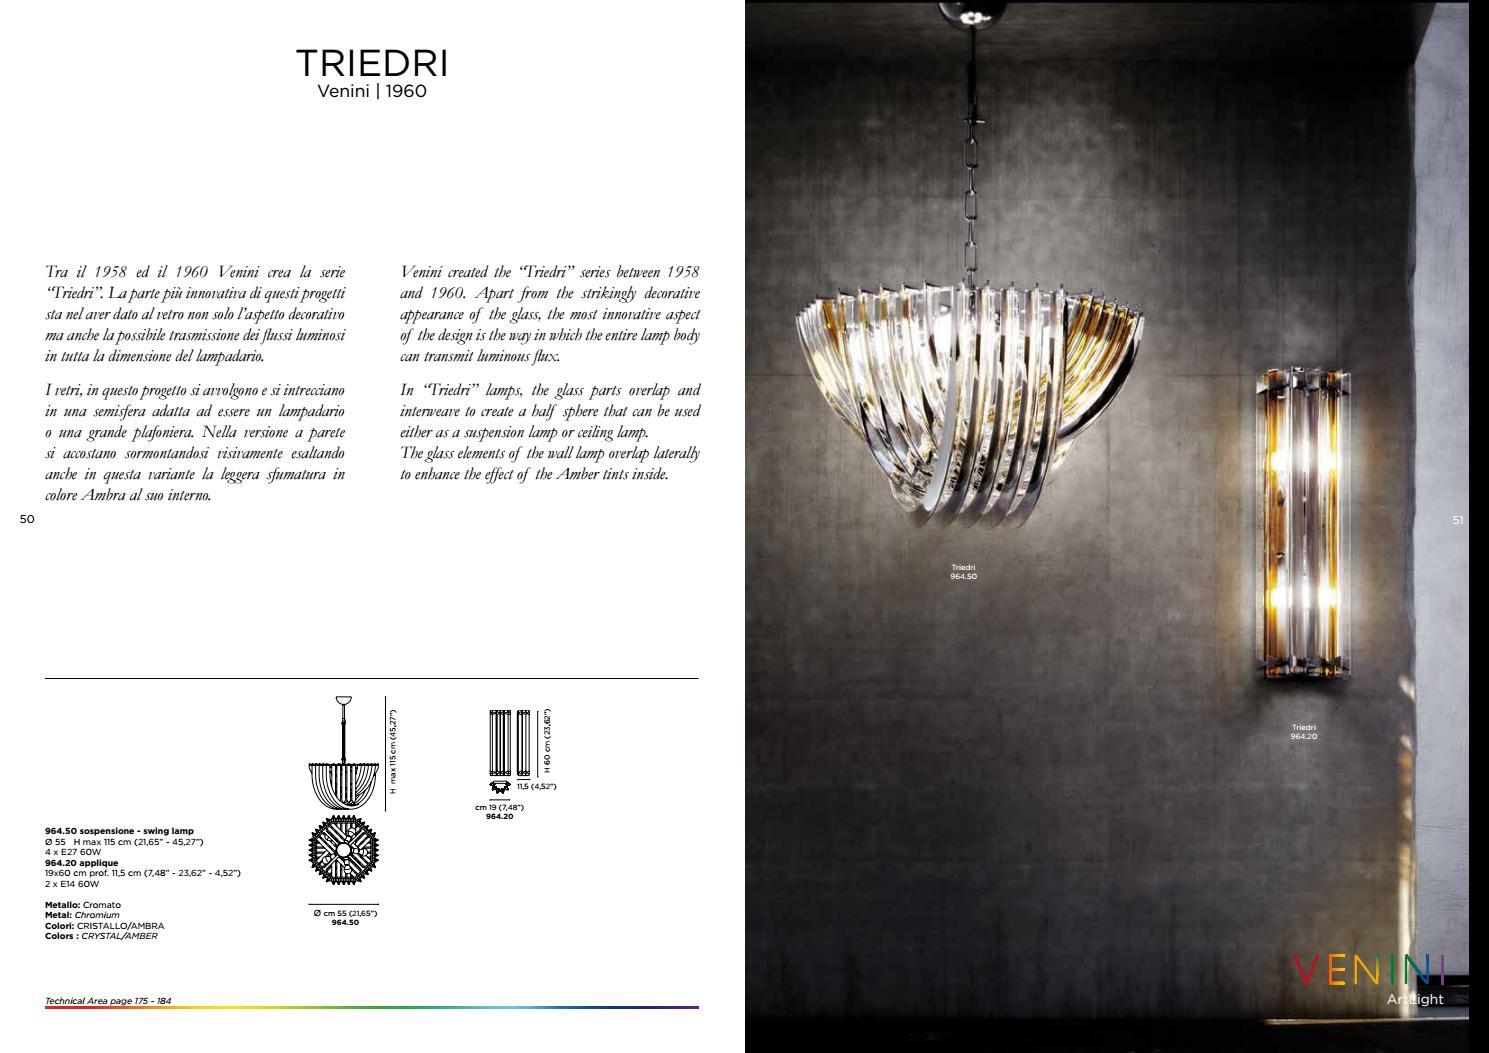 Venini murano glass lighting by passerini issuu